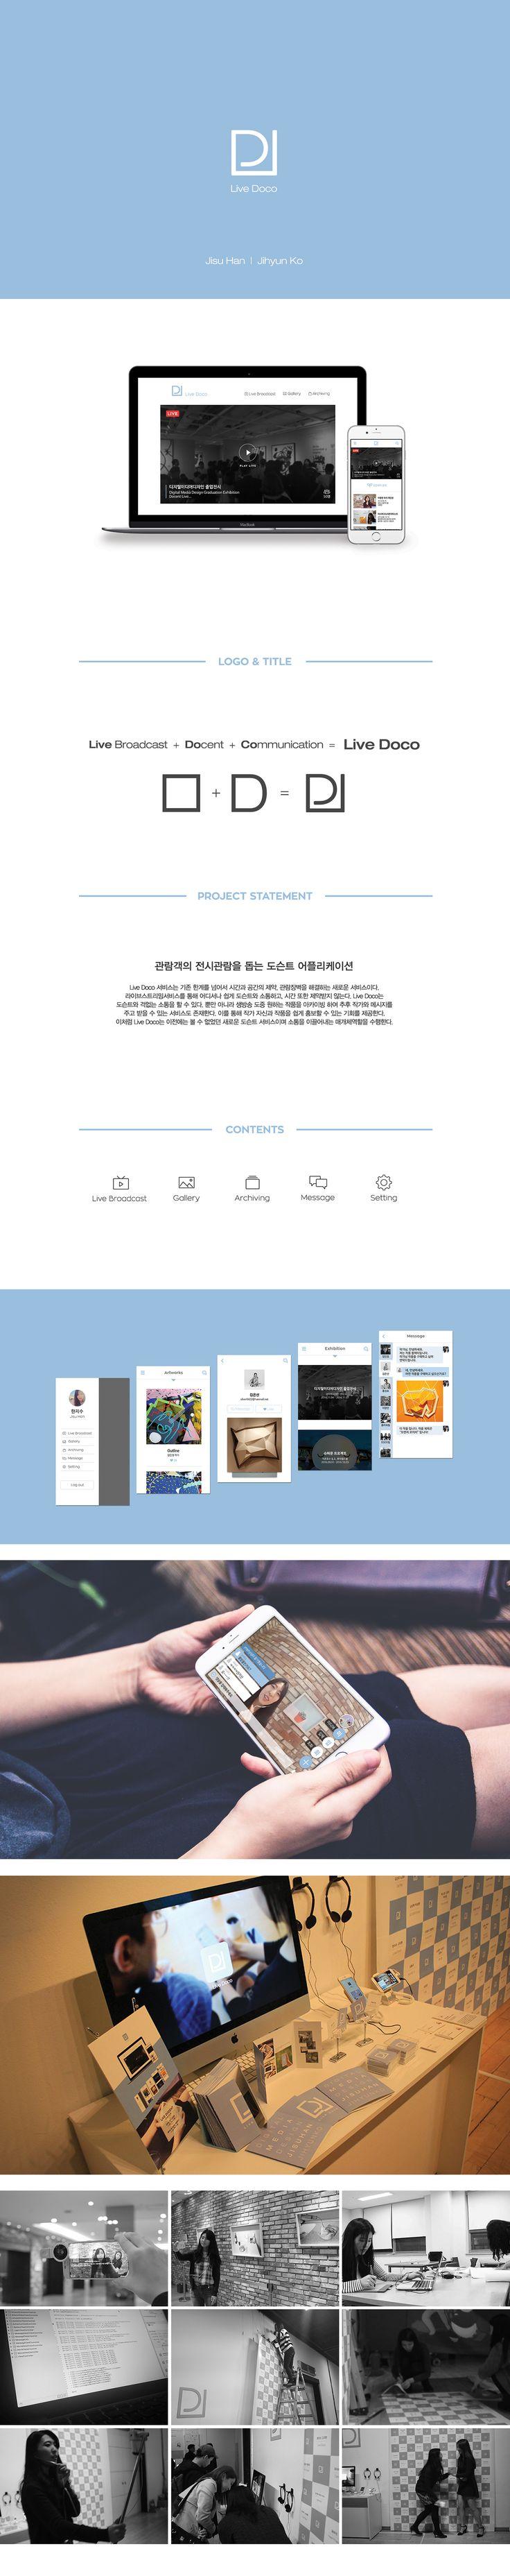 한지수, 고지현 | Live Doco | Major in Digital Media Design | #hicoda | hicoda.hongik.ac.kr